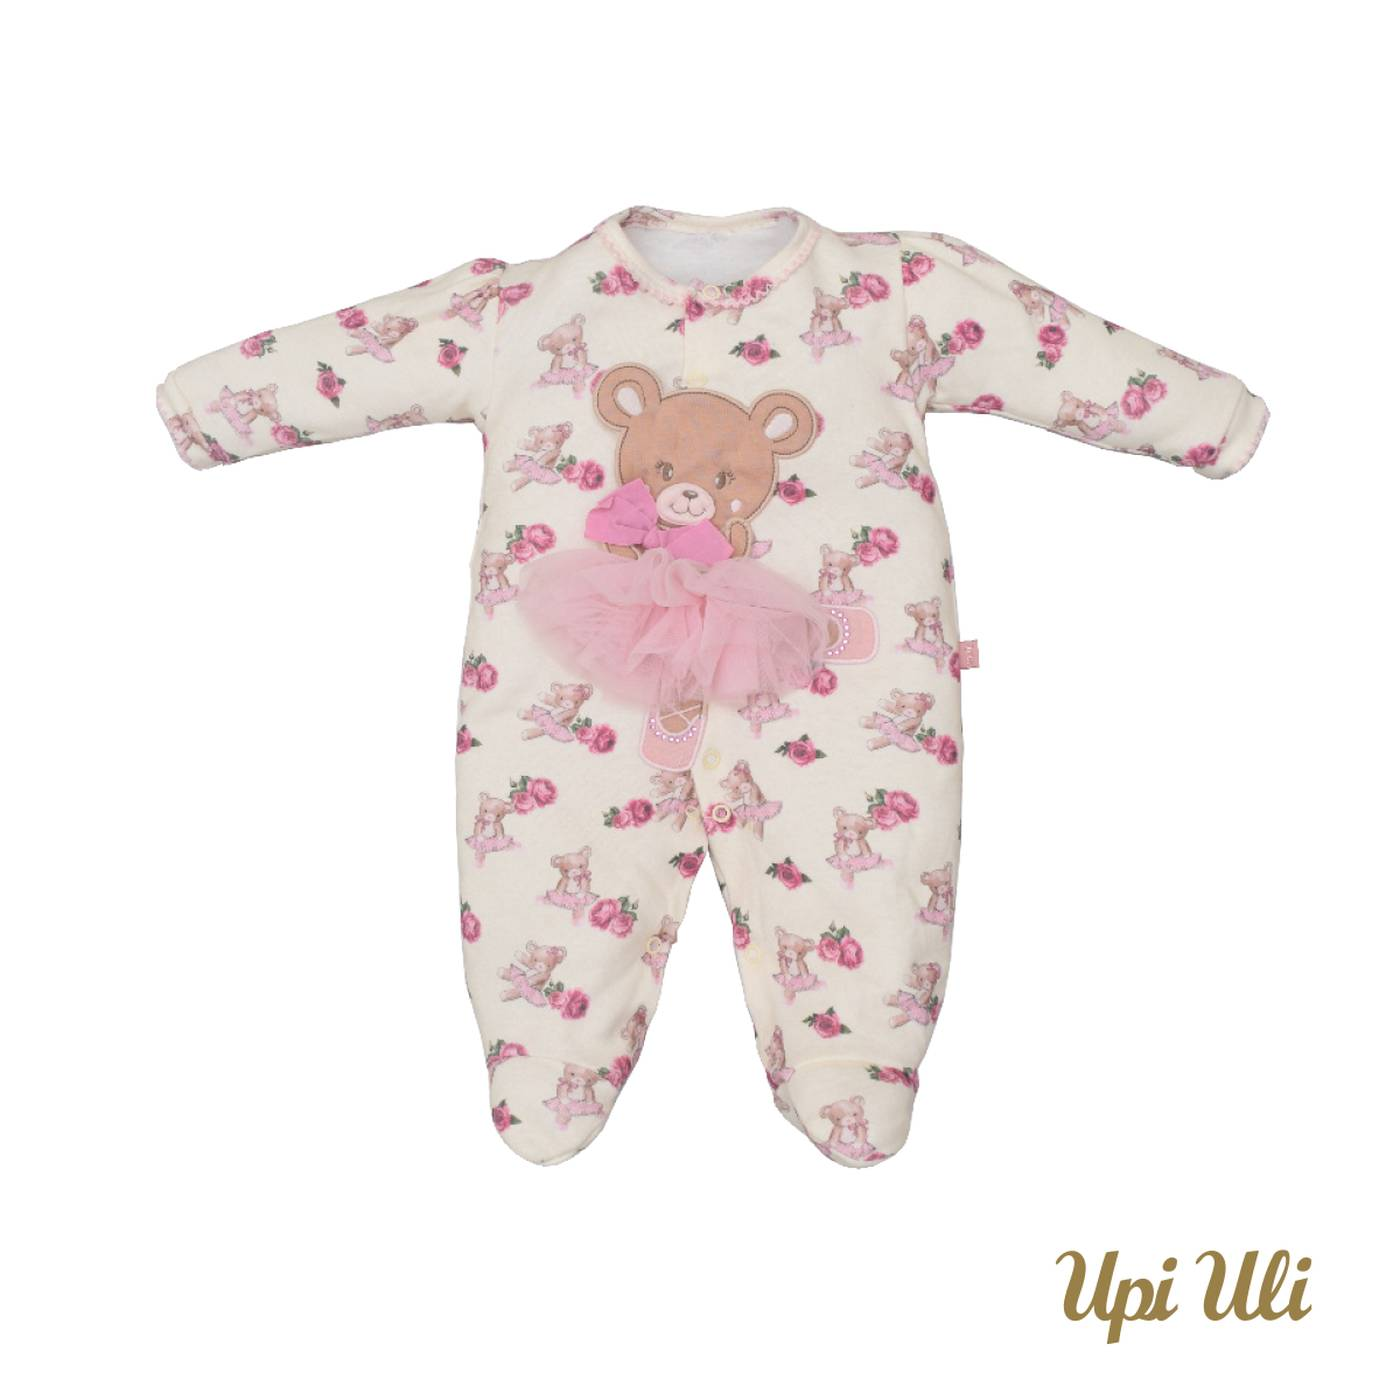 Macacão de bebê Suedine  Leticia  P/V